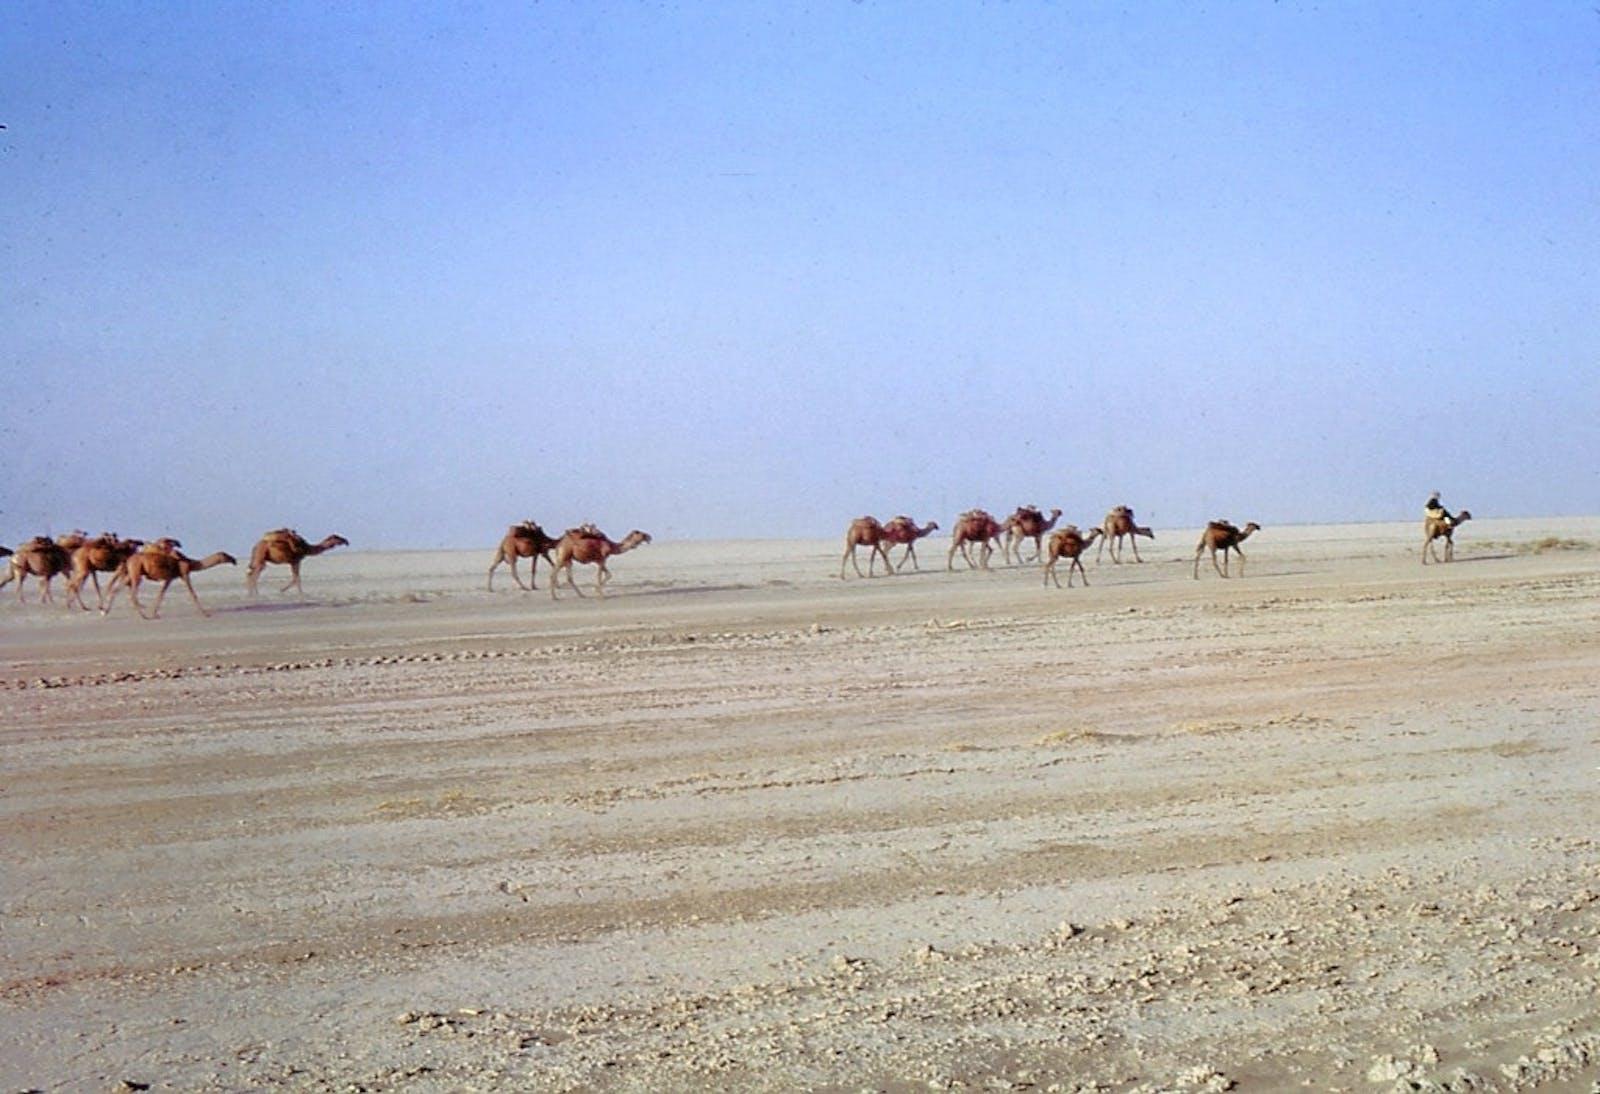 Registan-North Pakistan Sandy Desert